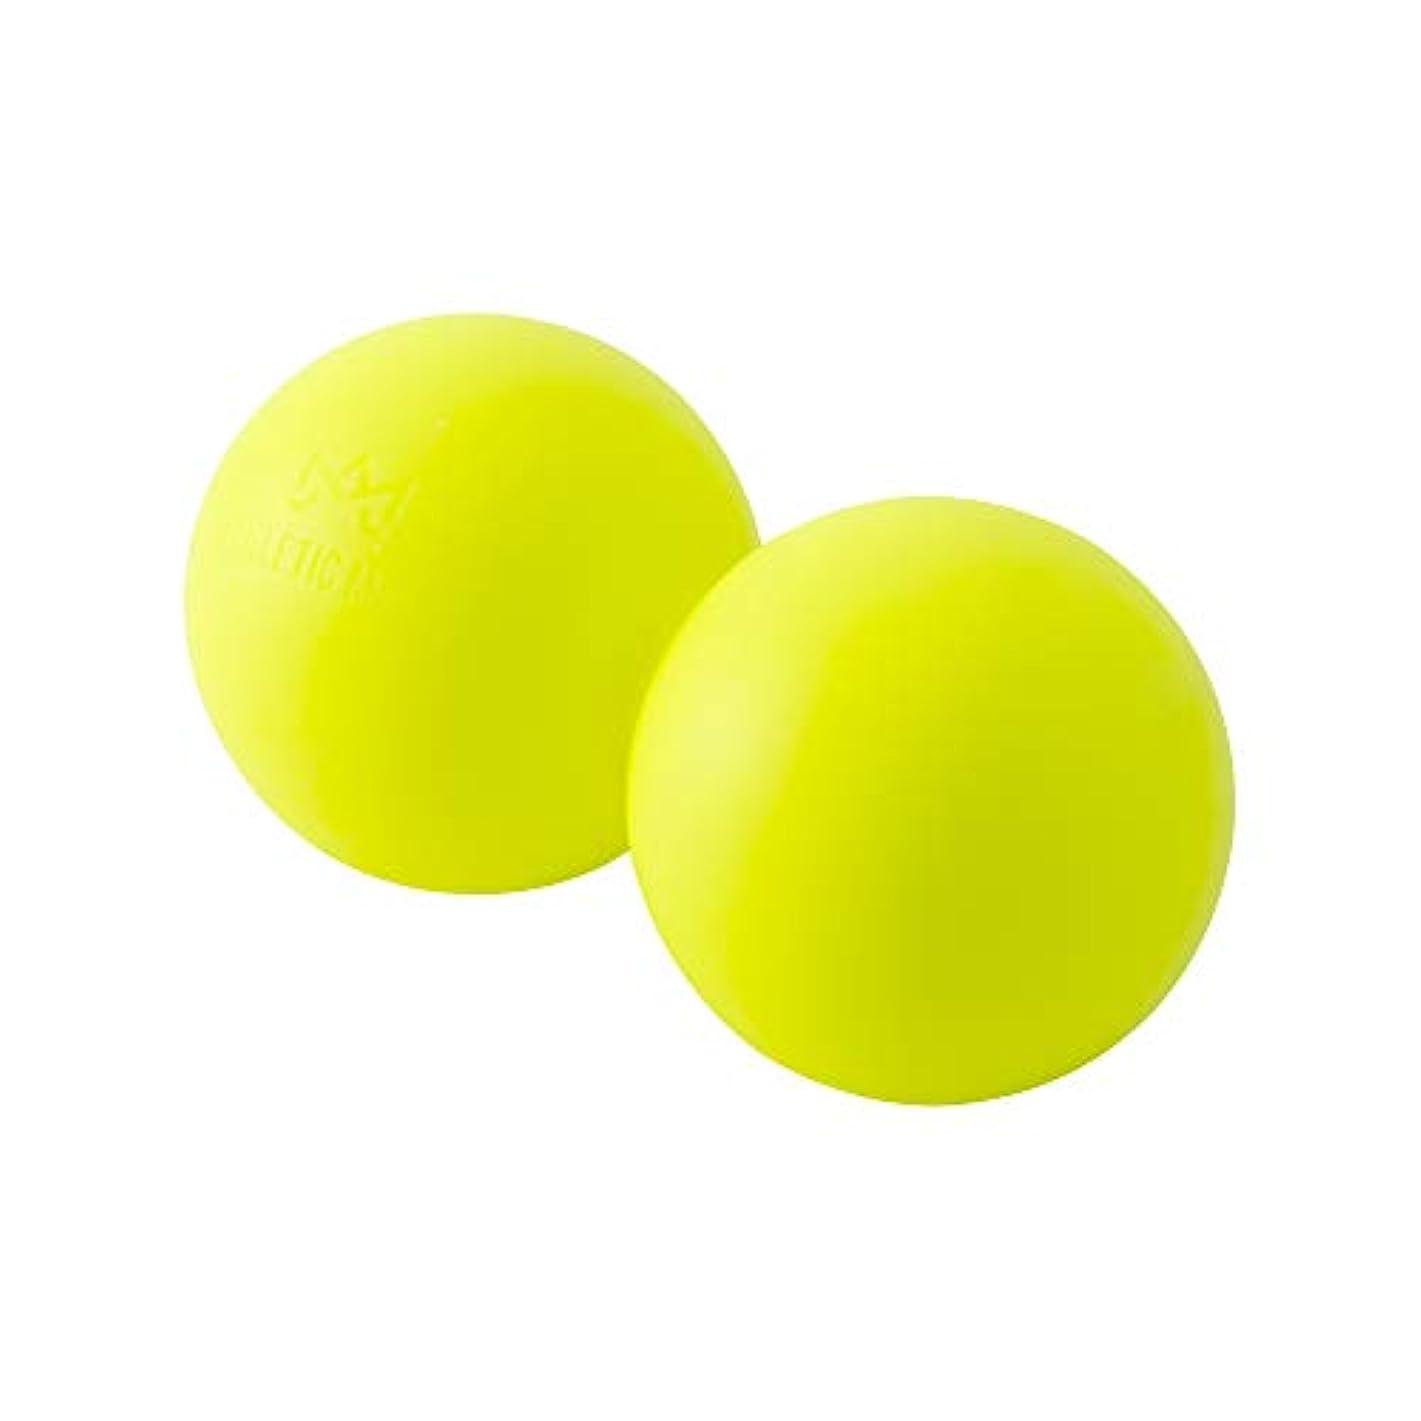 教育ハチ団結ATHLETIC MART ピーナッツ型ストレッチボール マッサージボール ラクロスボール2個サイズ ツボ押し (蛍光イエロー)